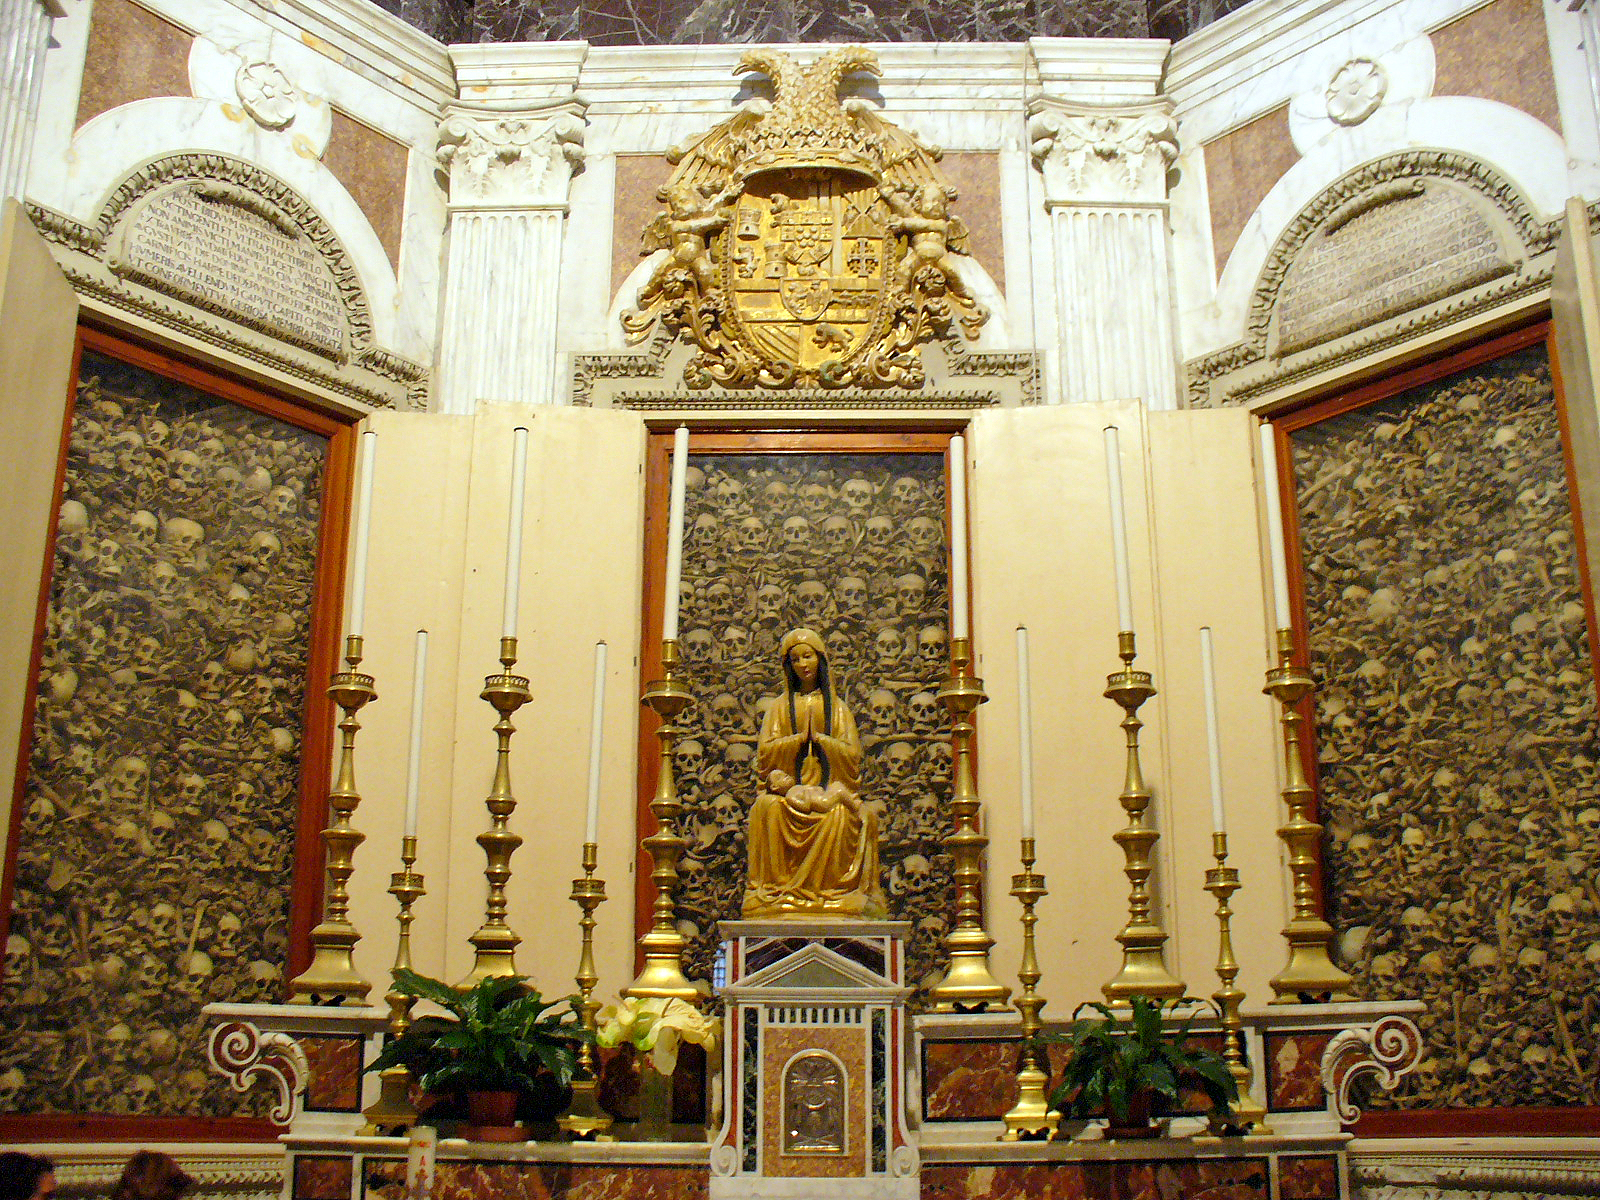 martiri d'otranto – Laterradipuglia.it